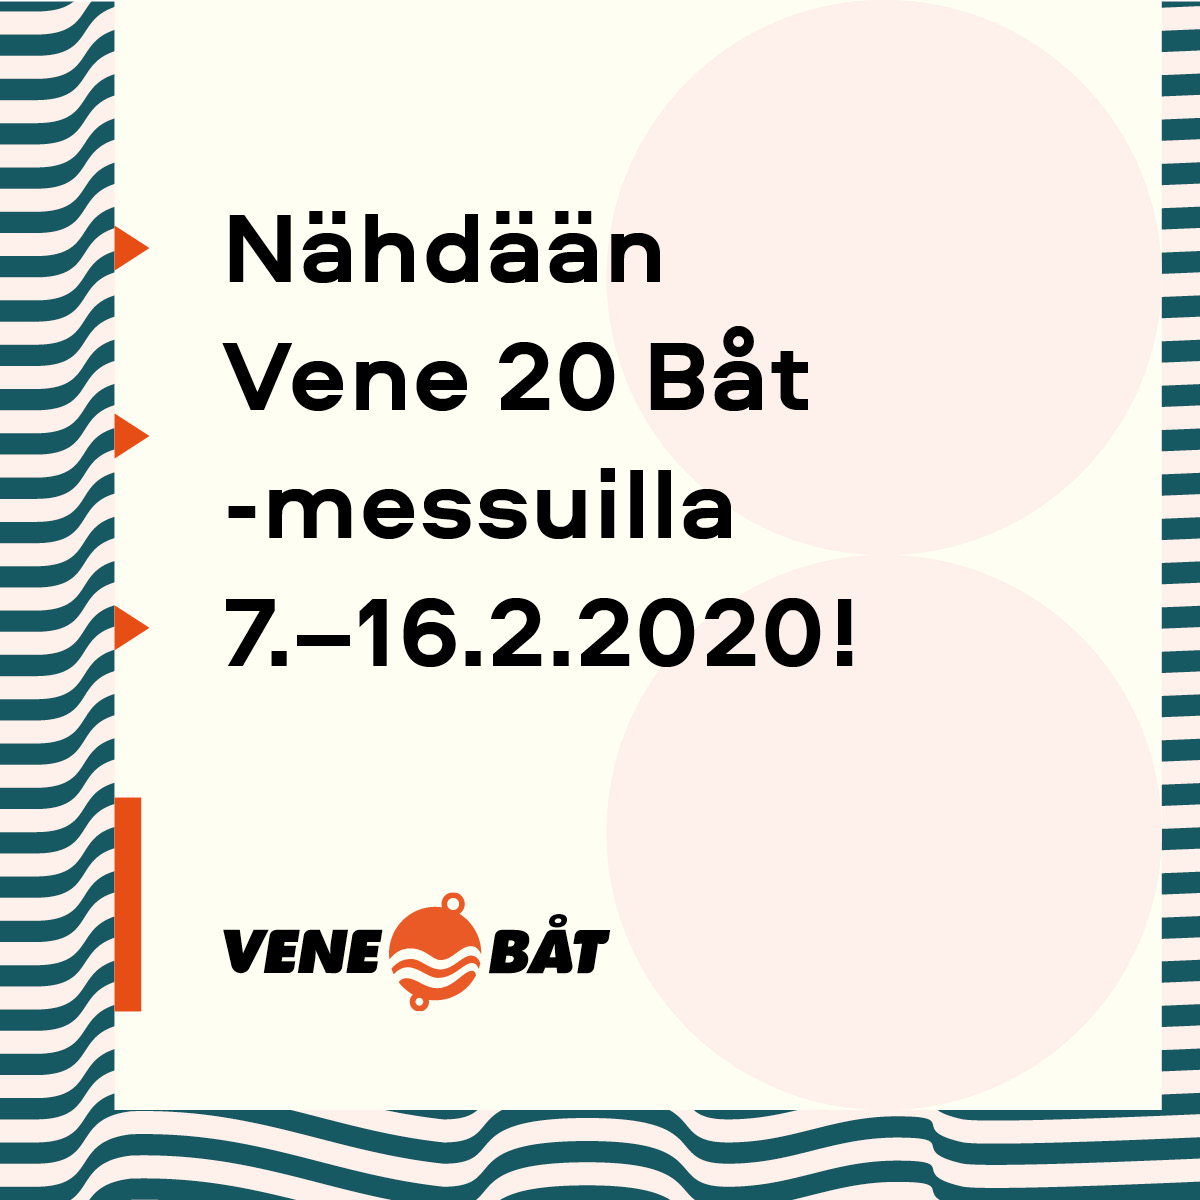 Vene20_Nahdaan_1200x1200_IG